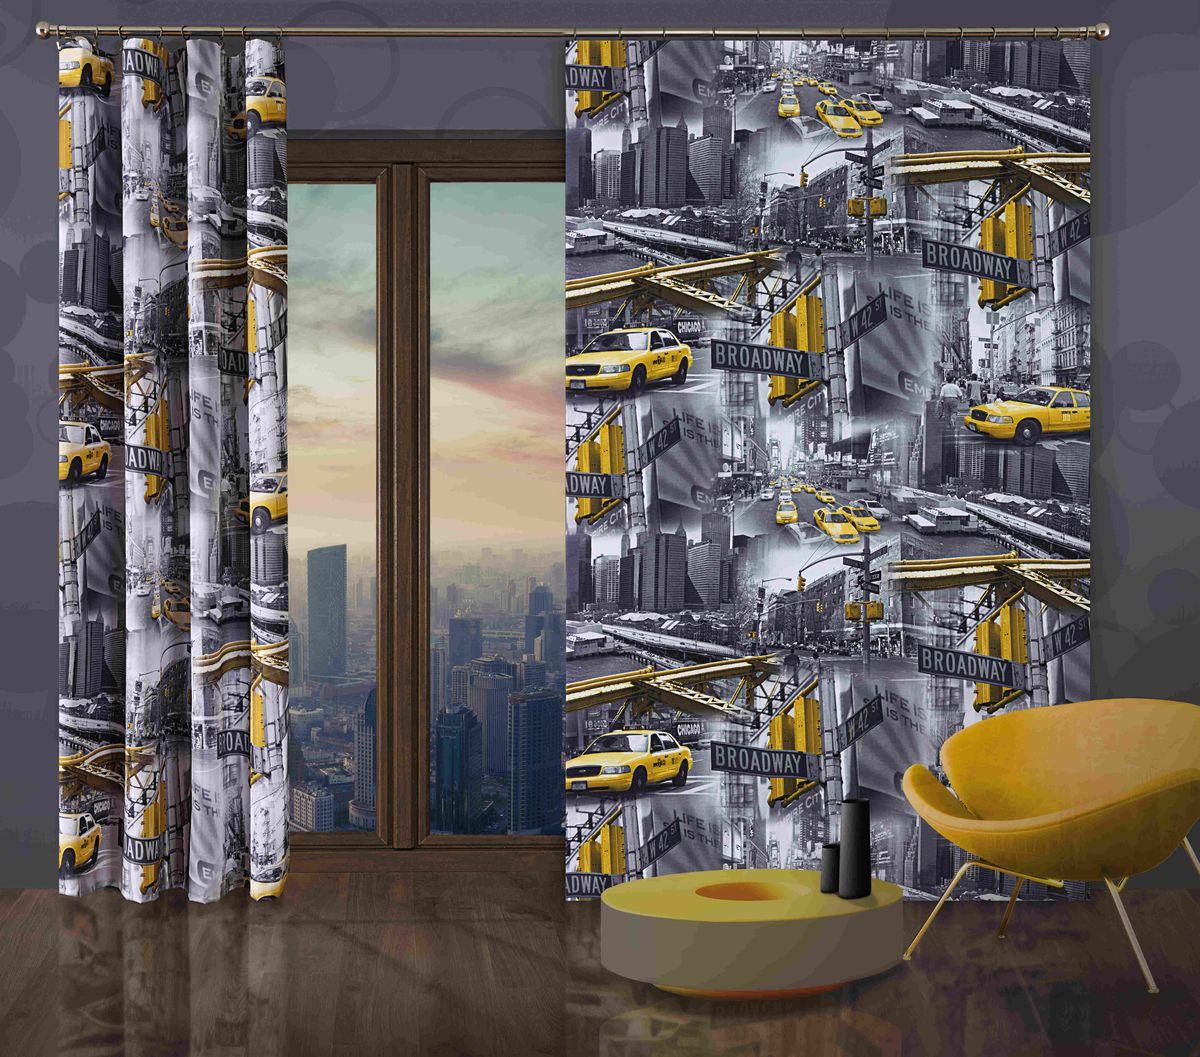 Комплект гардин-панно Wisan Taxi, на ленте, цвет: серый, желтый, высота 250 см269WКомплект гардин-панно Wisan Taxi, изготовленный из полиэстера, станет великолепным украшением любого окна. В комплект входят 2 плотные гардины с изображением мегаполиса.Качественный материал, оригинальный дизайн и приятная цветовая гамма привлекут к себе внимание и органично впишутся в интерьер. Комплект оснащен шторной лентой для красивой сборки.Размер гардин-панно: 150 см х 250 см.Фирма Wisan на польском рынке существует уже более пятидесяти лет и является одной из лучших польских фабрик по производству штор и тканей. Ассортимент фирмы представлен готовыми комплектами штор для гостиной, детской, кухни, а также текстилем для кухни (скатерти, салфетки, дорожки, кухонные занавески). Модельный ряд отличает оригинальный дизайн, высокое качество. Ассортимент продукции постоянно пополняется.